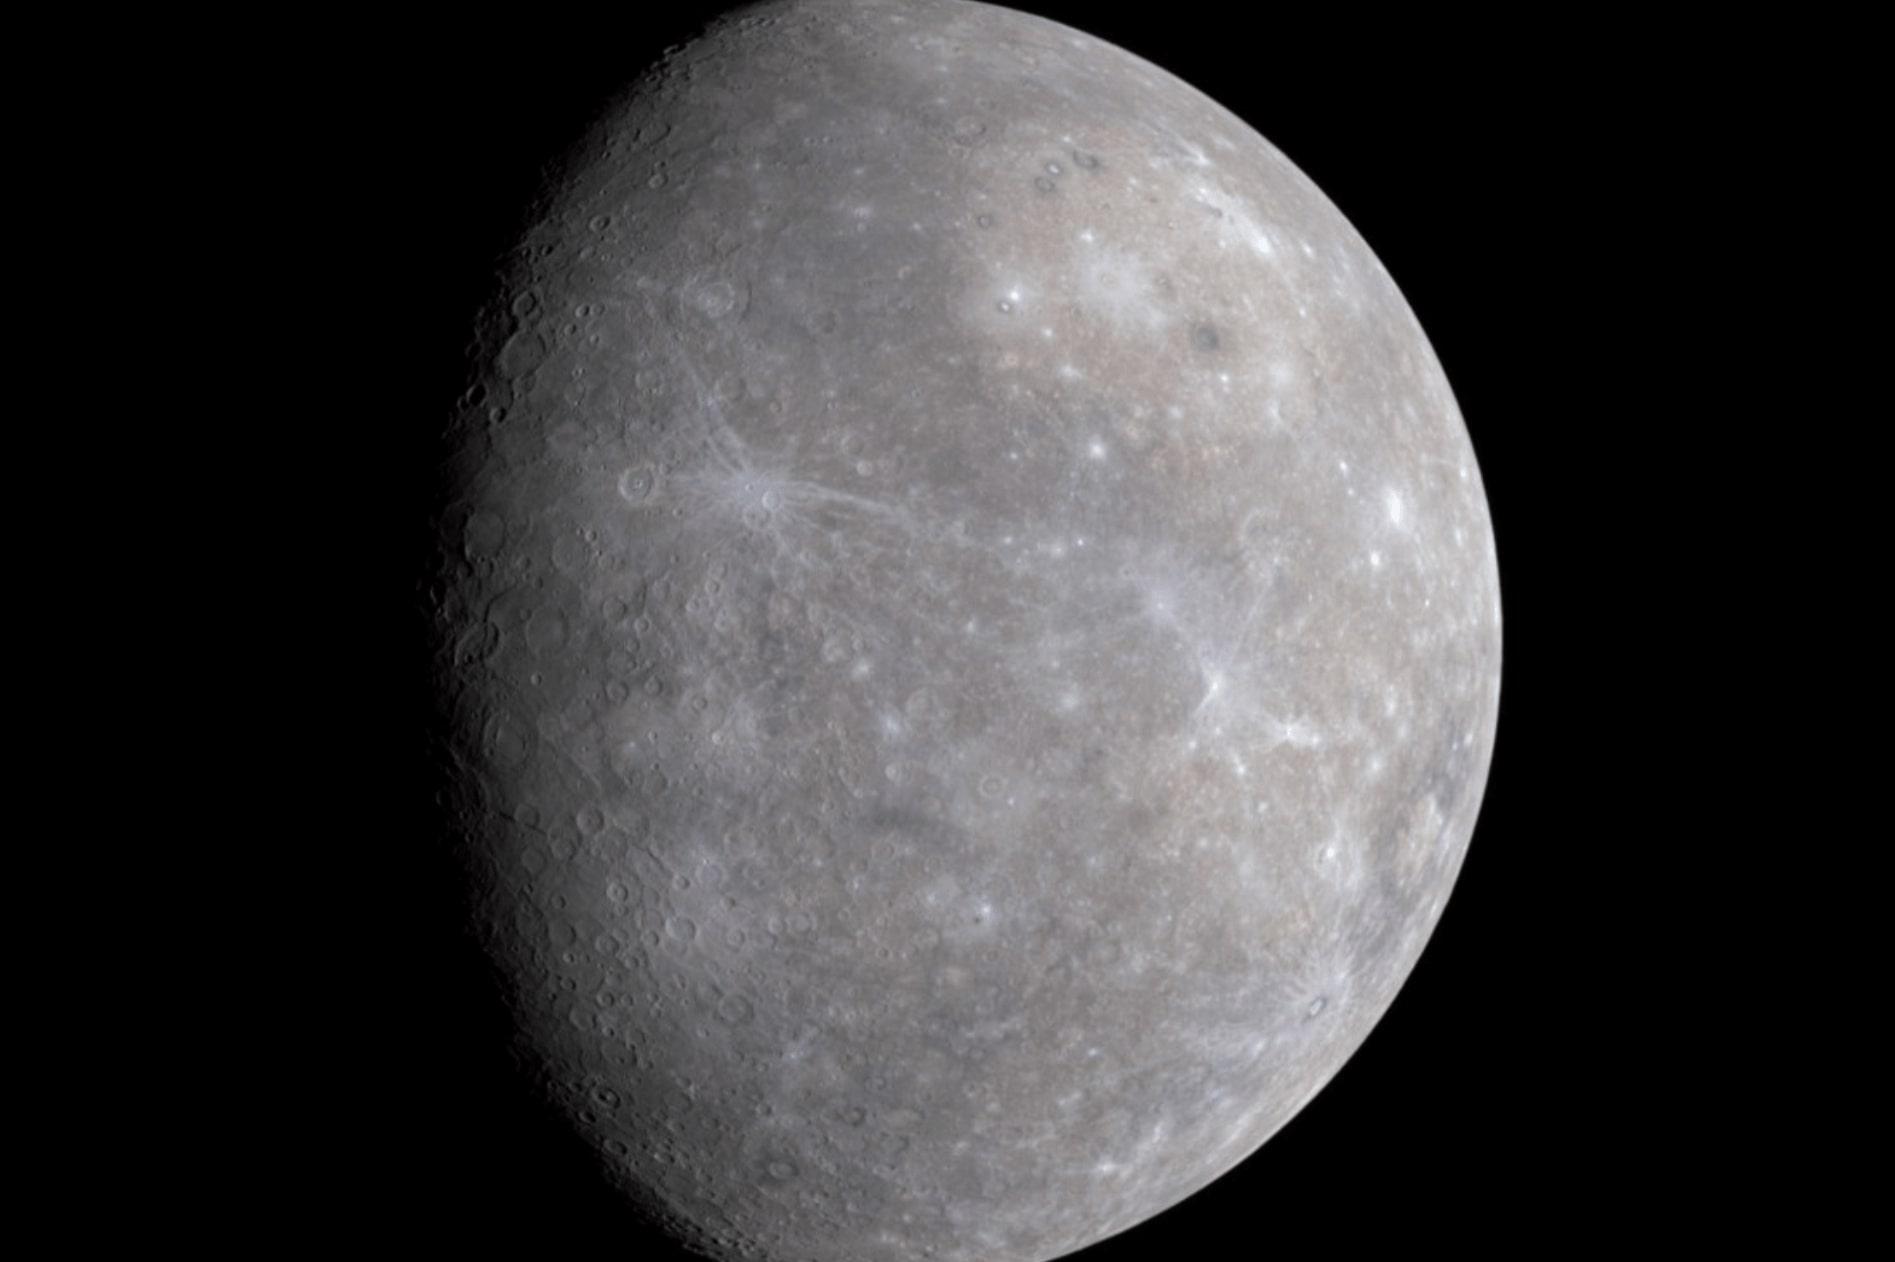 11 नवंबर का दिन होगा बेहद खास, इस दिन बुध ग्रह, सूर्य के सामने से तय करेगा अपना सफर